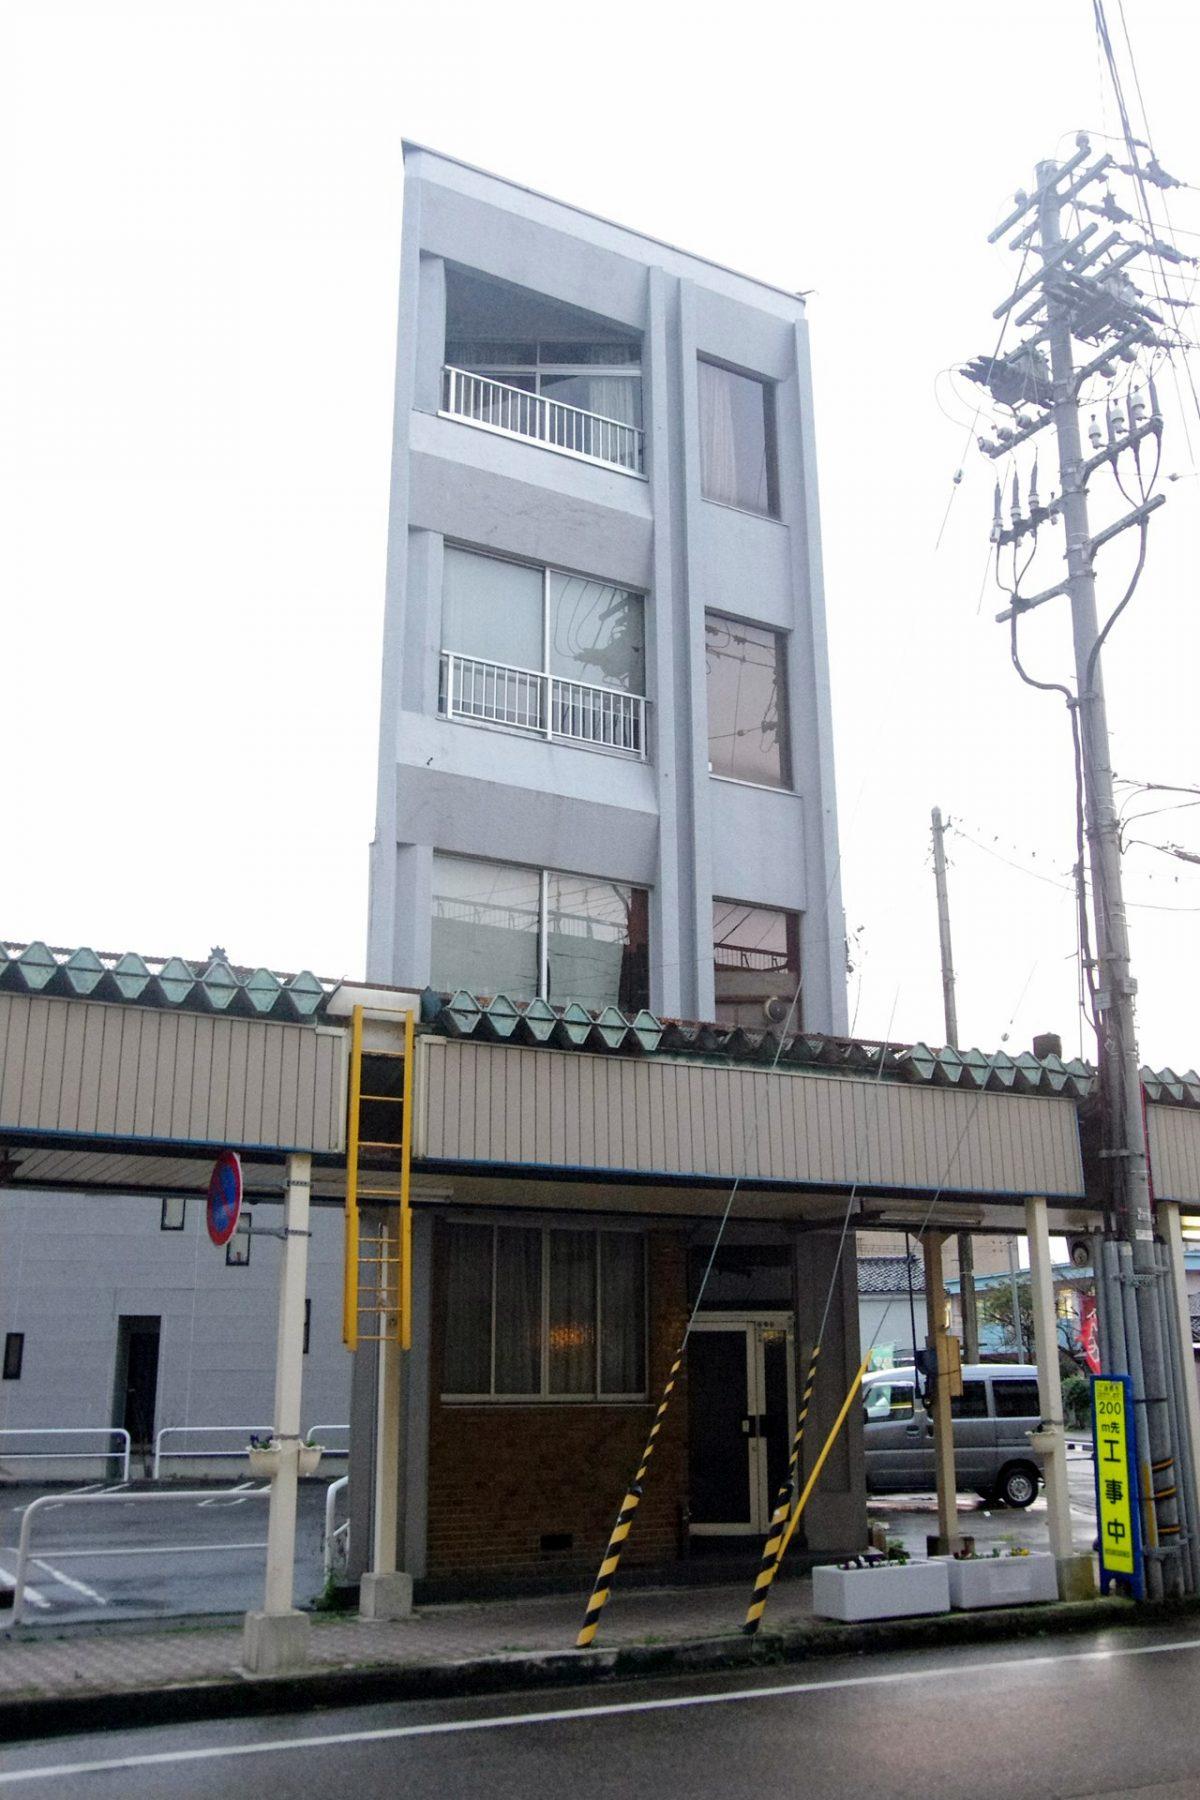 【中央町】商店街のど真ん中にあるタワー型住宅